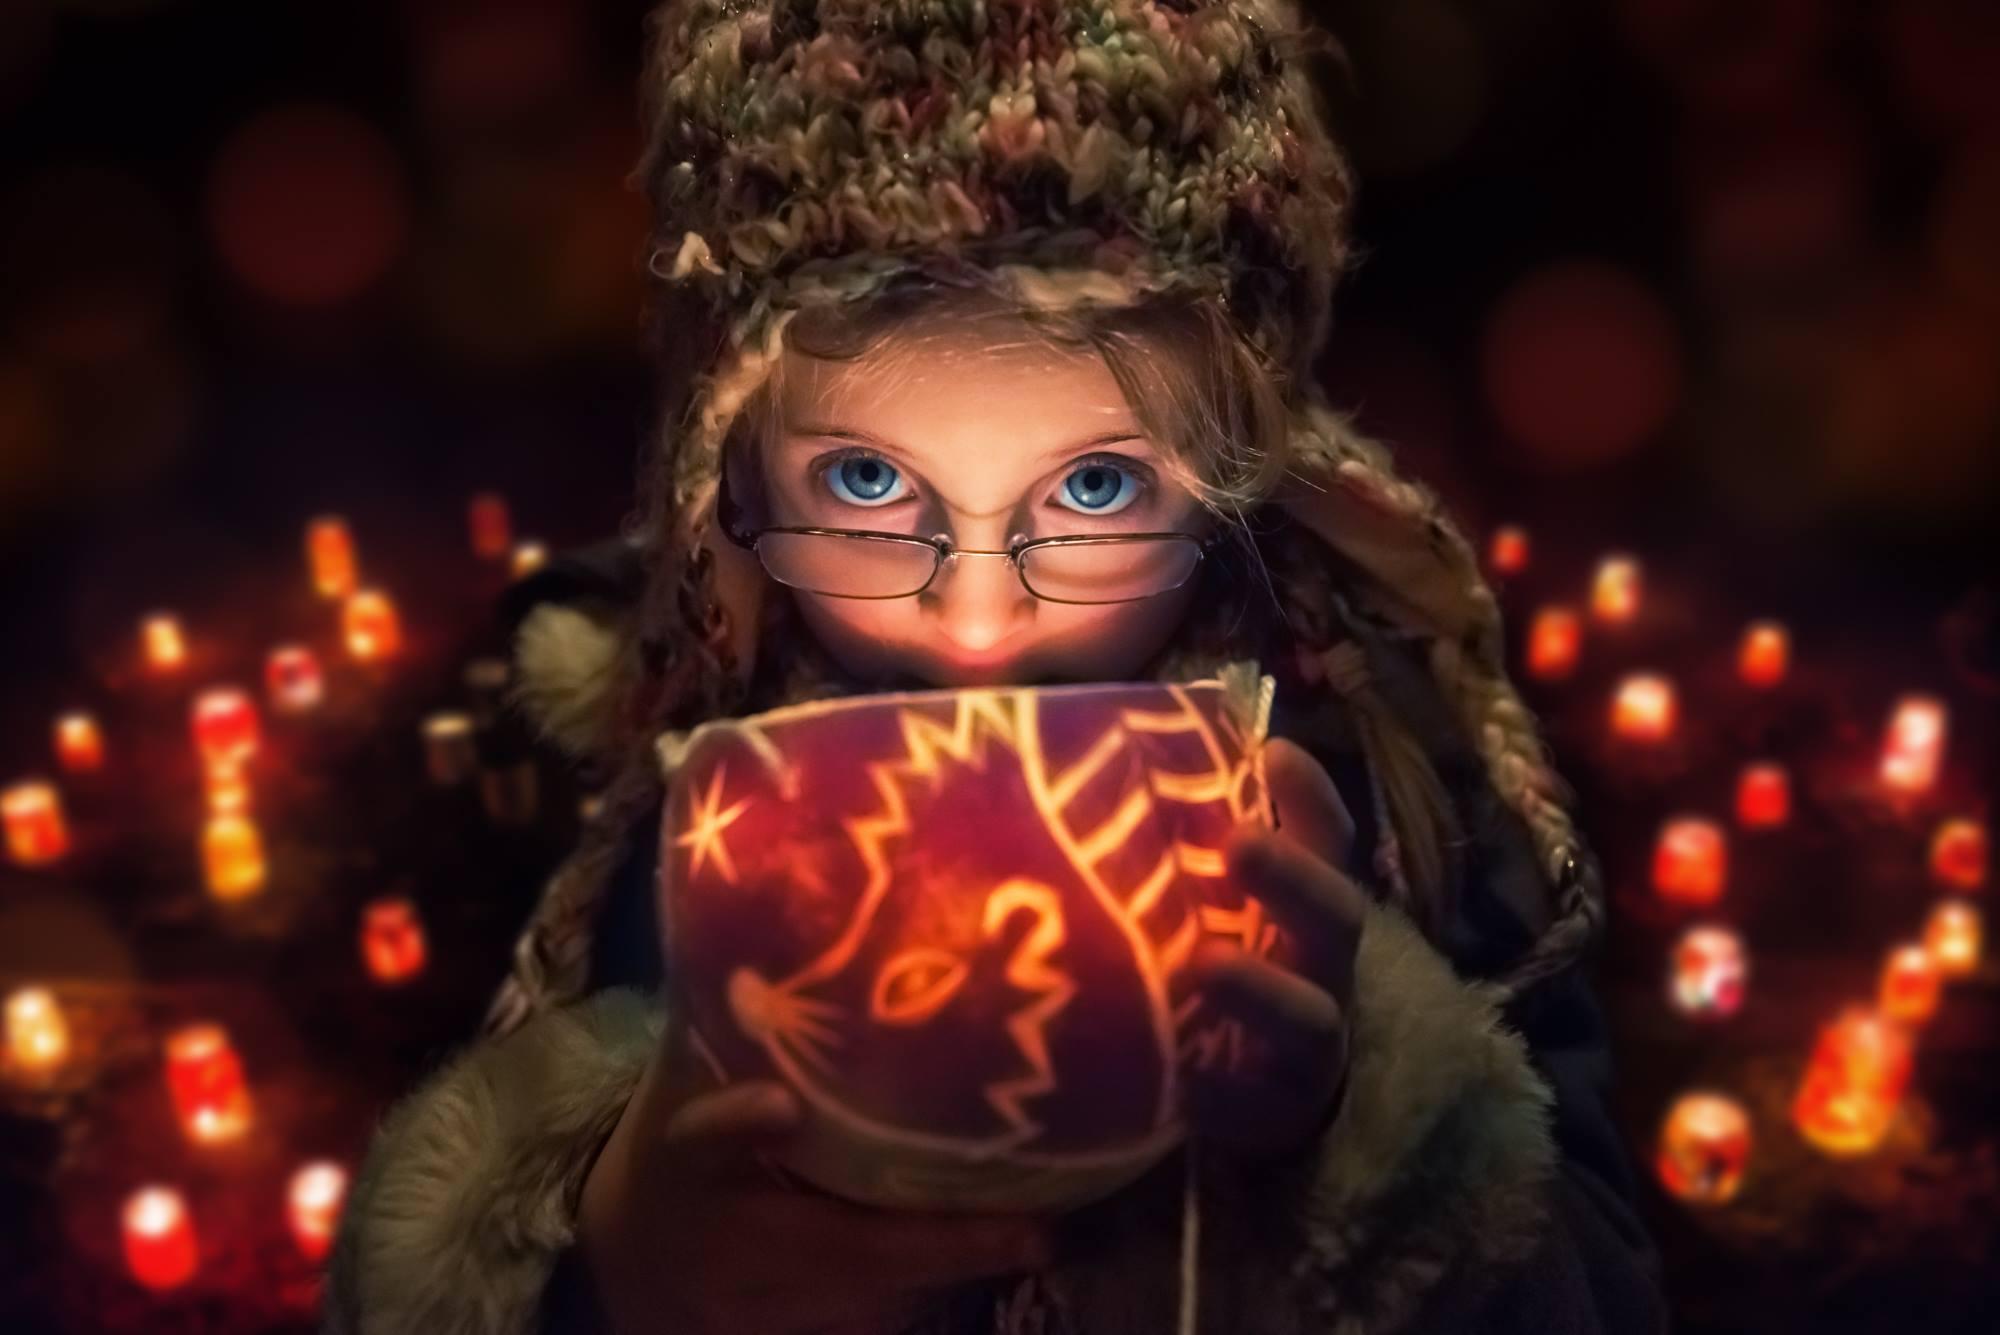 Рождественская креативная фотоподборка Джона Вильгельма